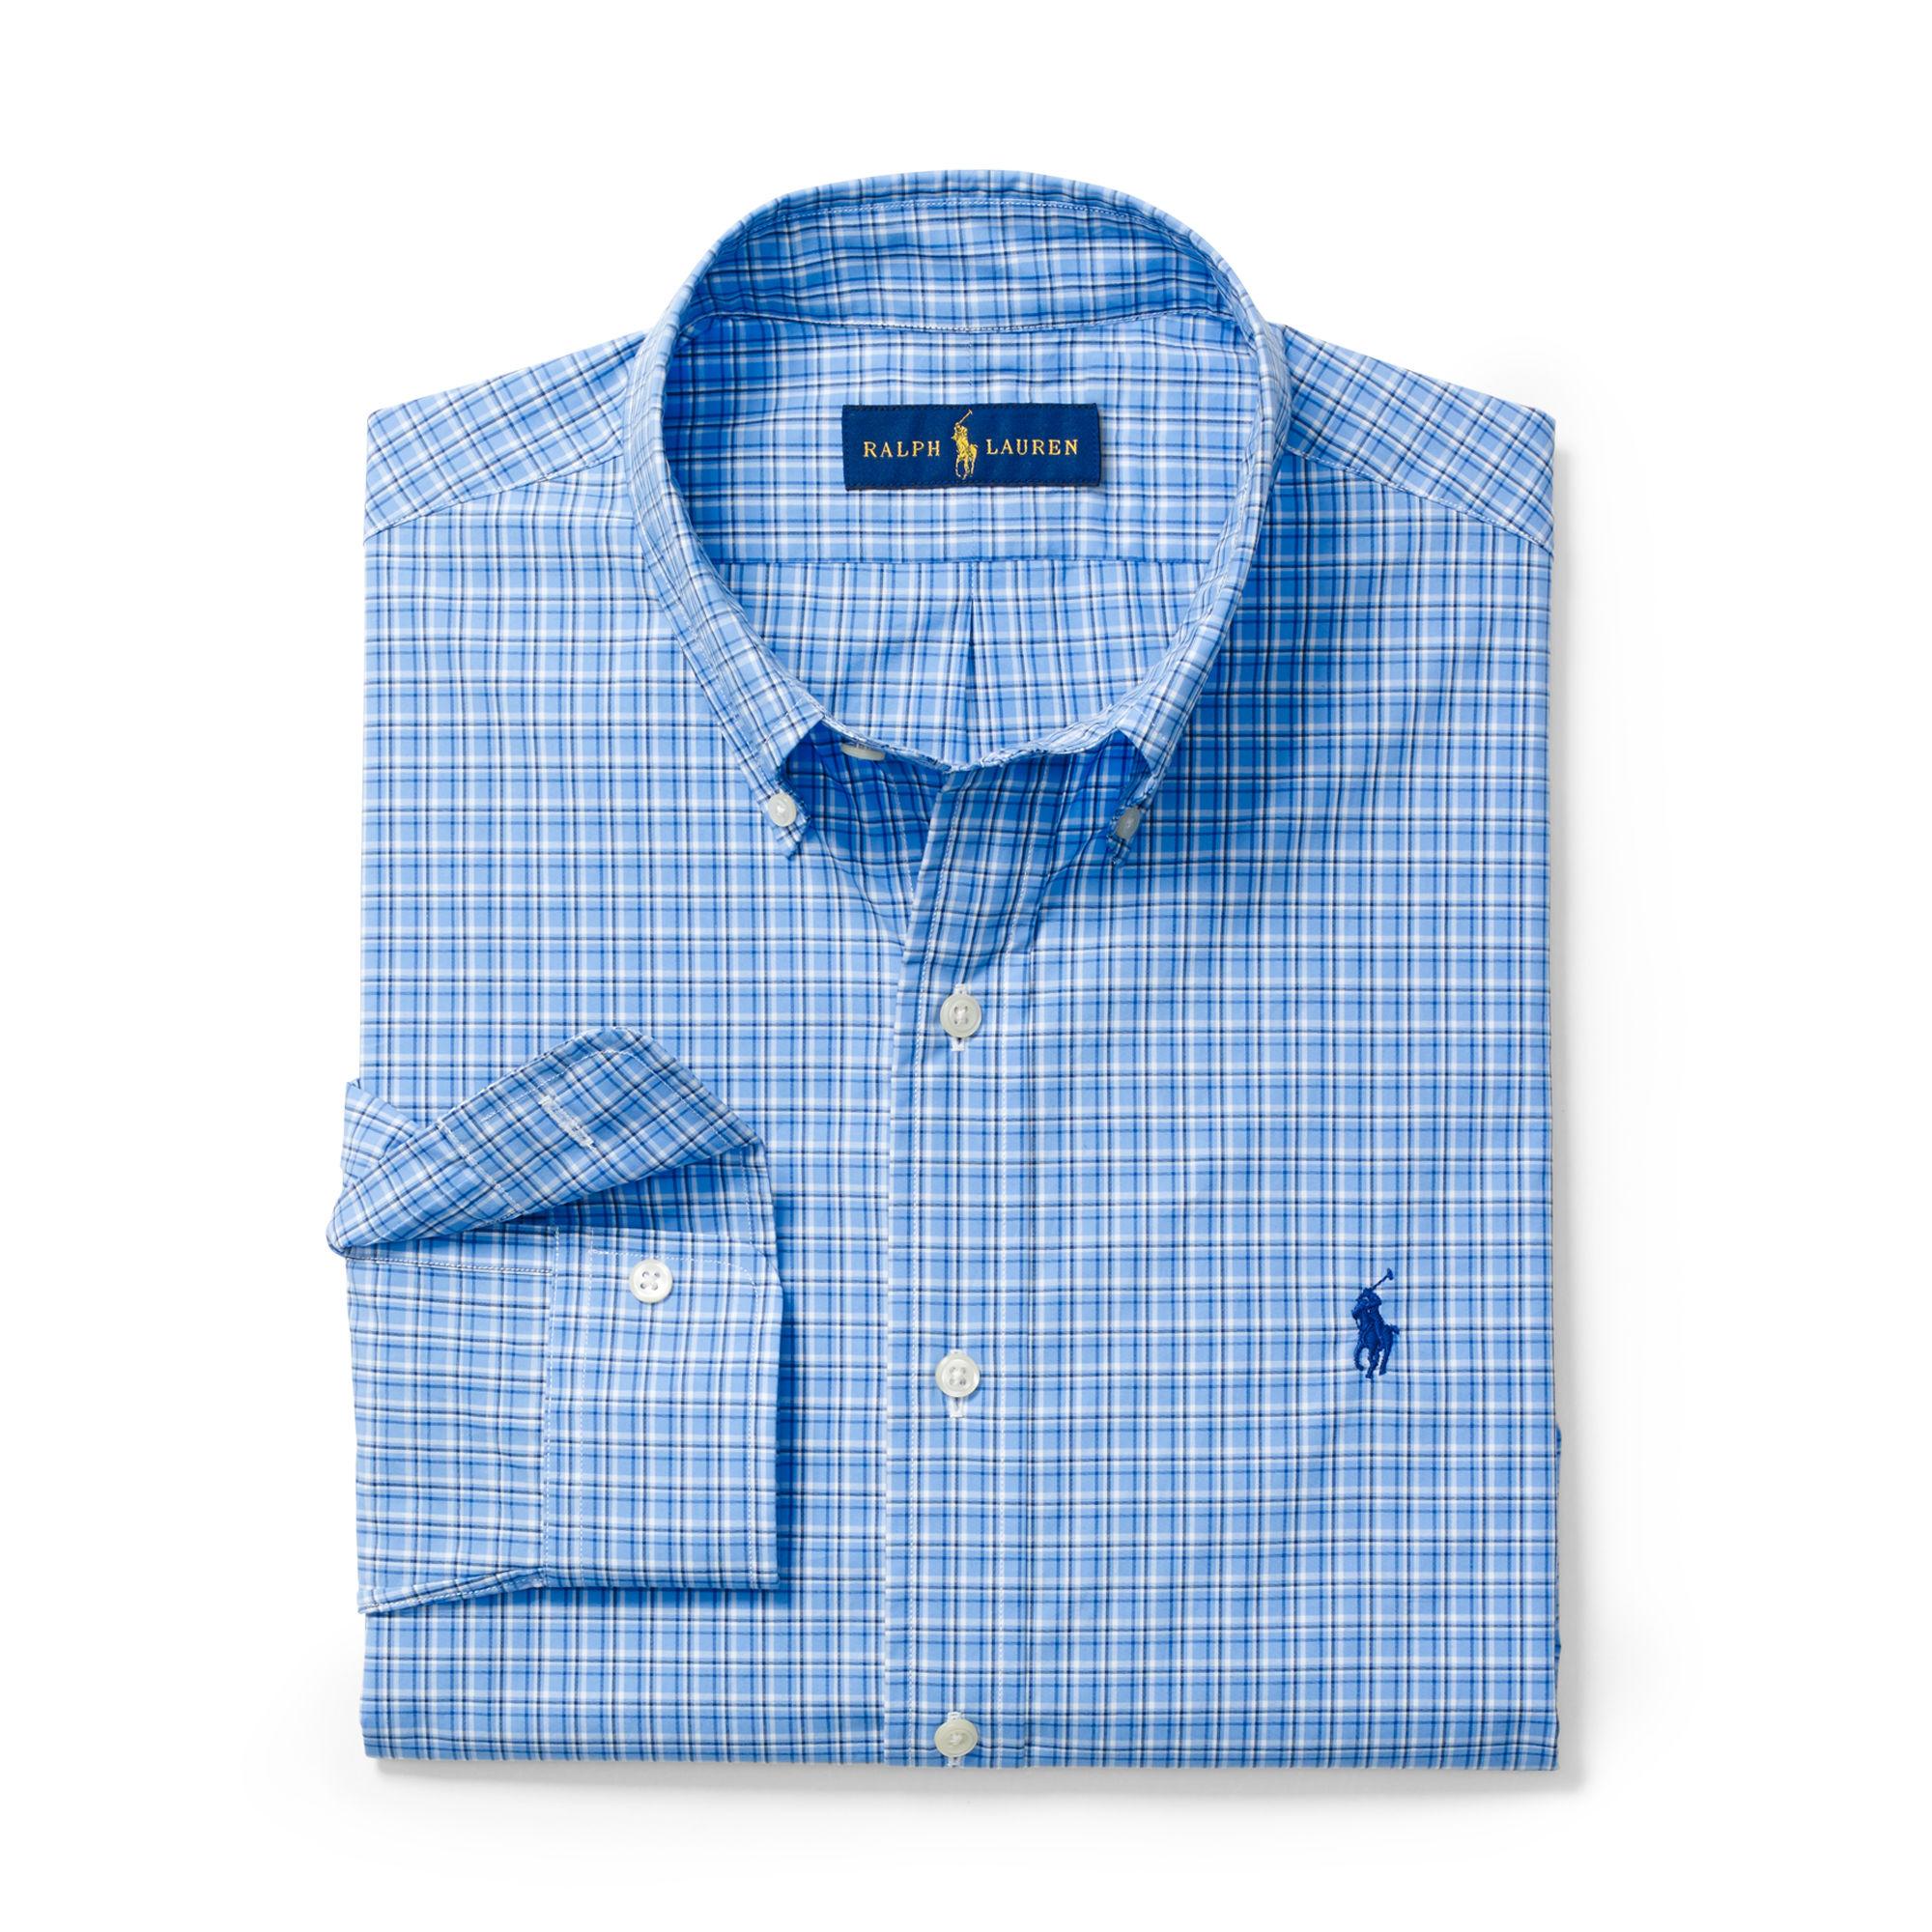 Ralph Lauren Gömlek Blue-White - 5 #   Maslak Outlet #RalphLauren #Gömlek